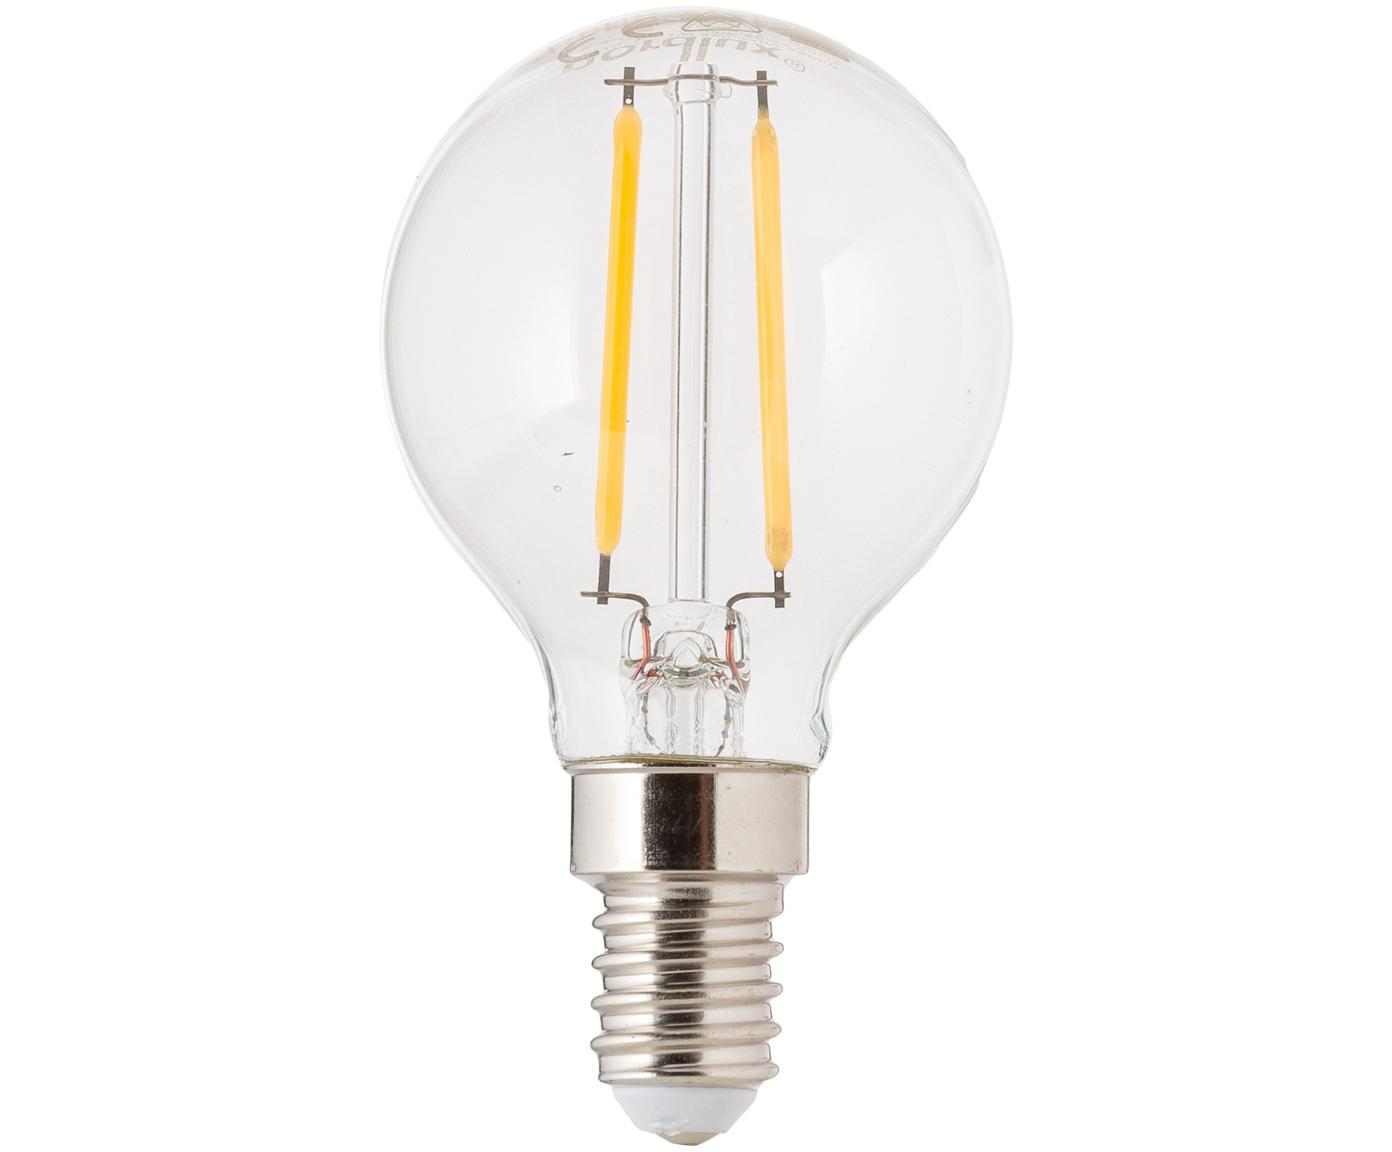 Bombilla LED Yekon (E14/2,5W), Ampolla: vidrio, Casquillo: aluminio, Transparente, Ø 5 x Al 8 cm